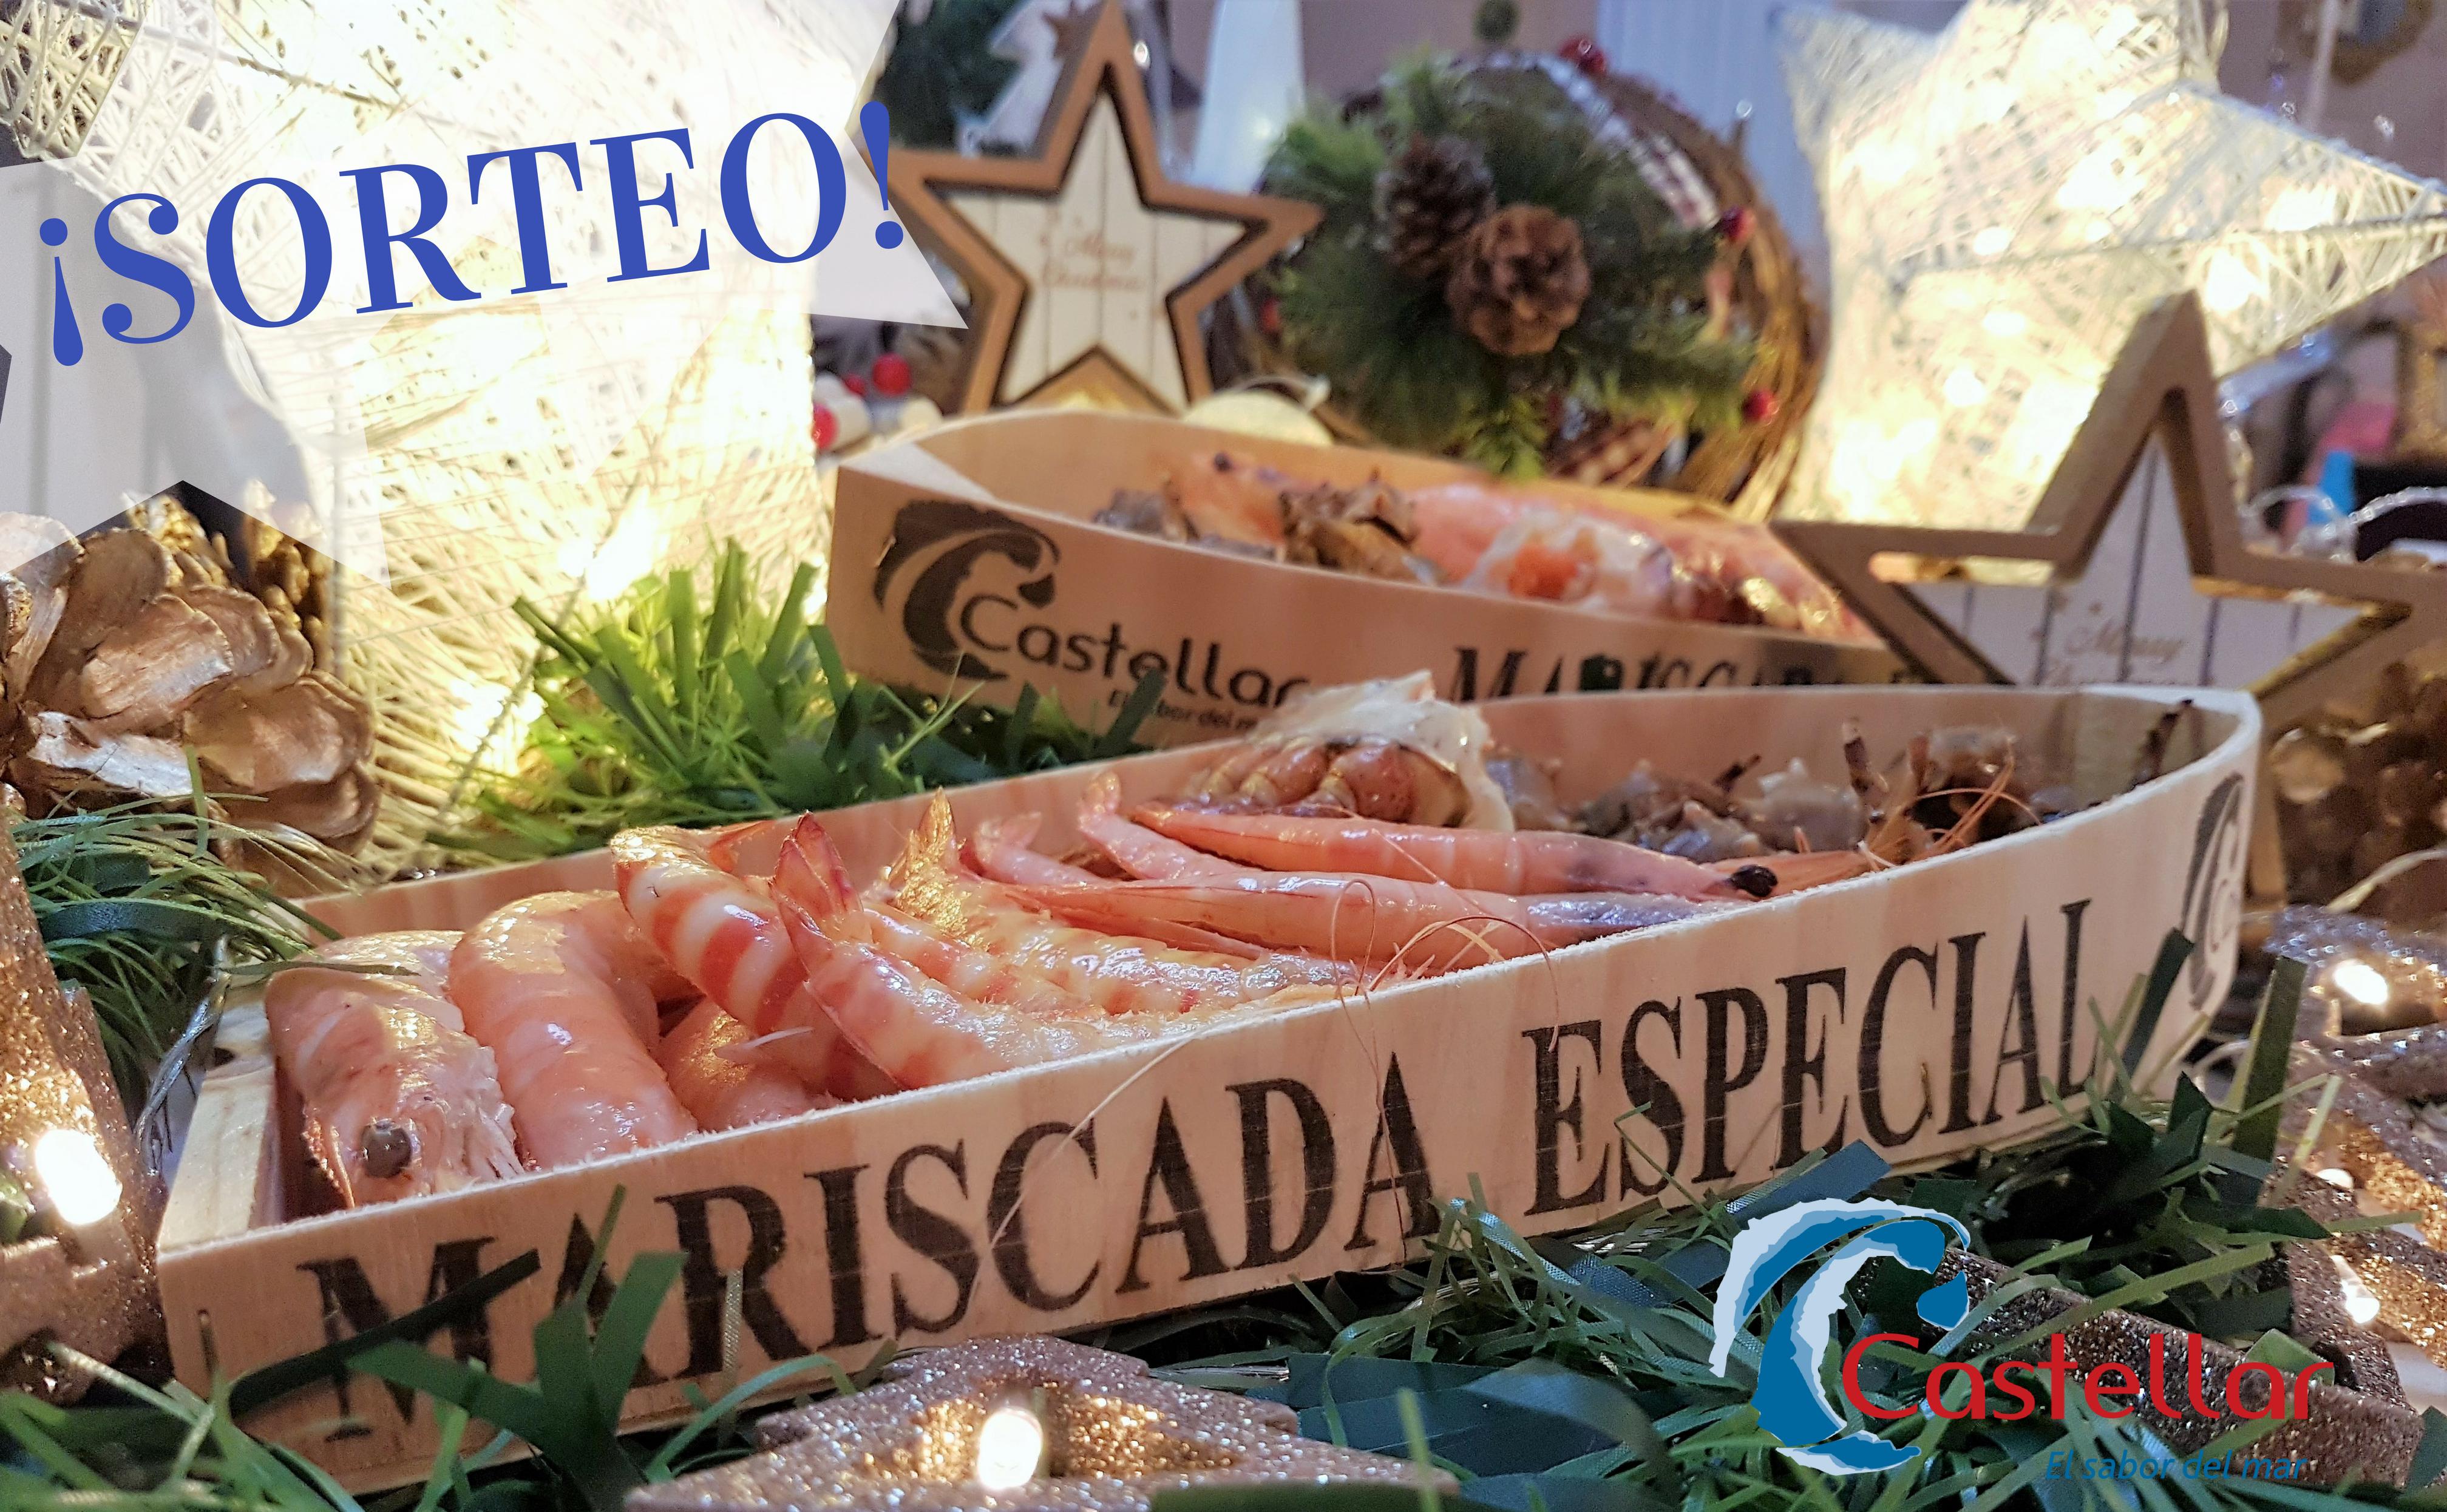 Bases de los sorteos de Mariscadas Especiales Castellar